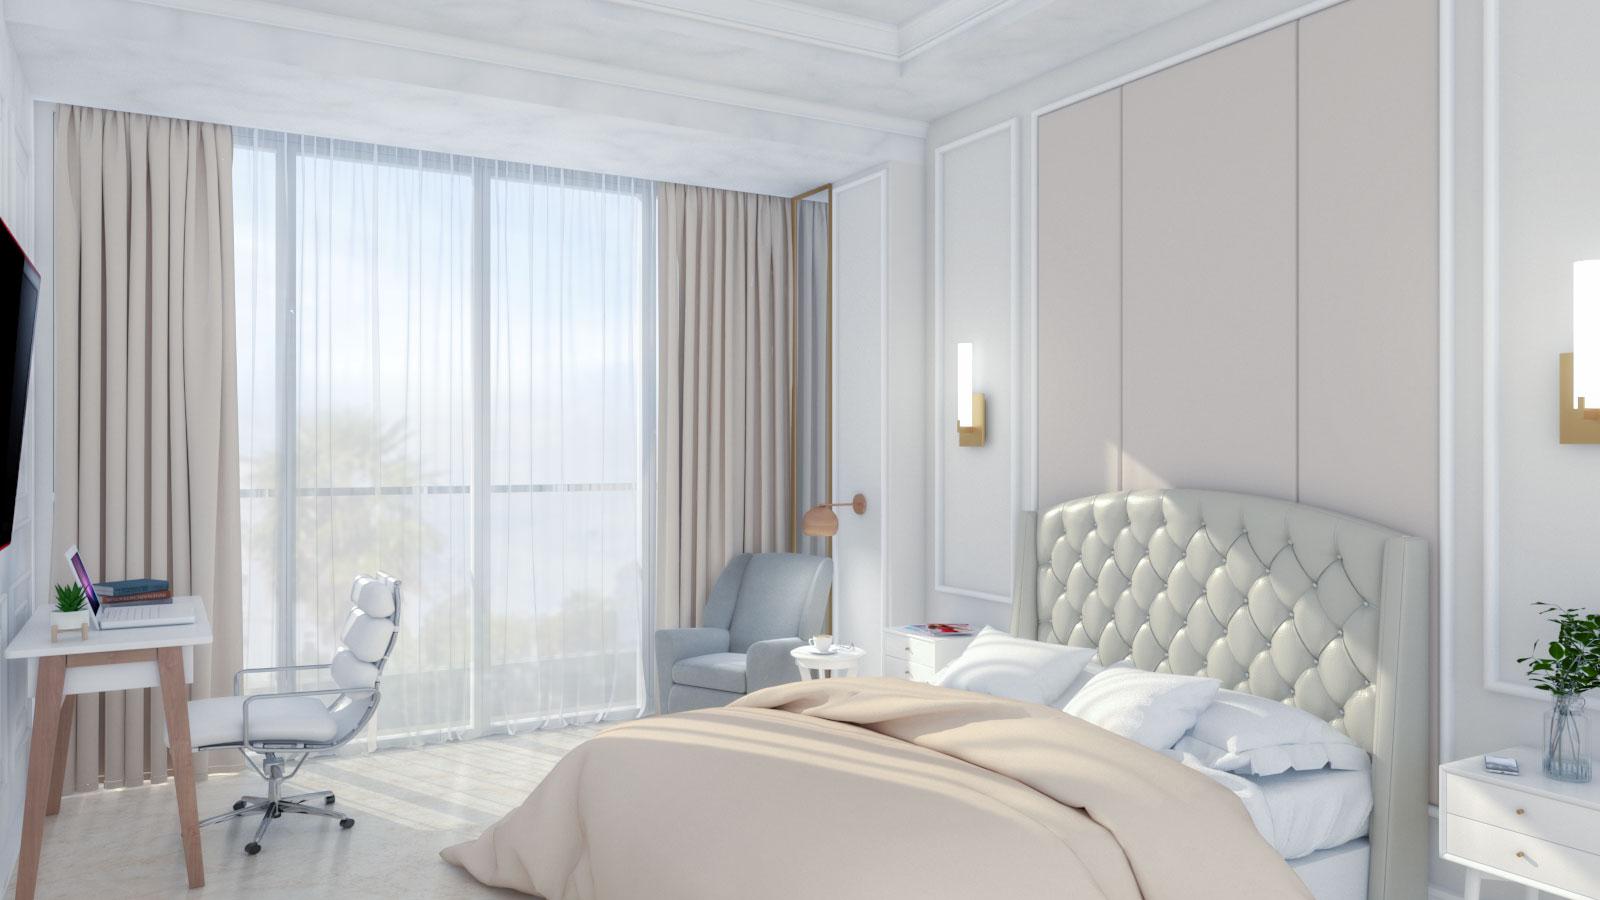 Cream/Beige Art Deco Bedroom